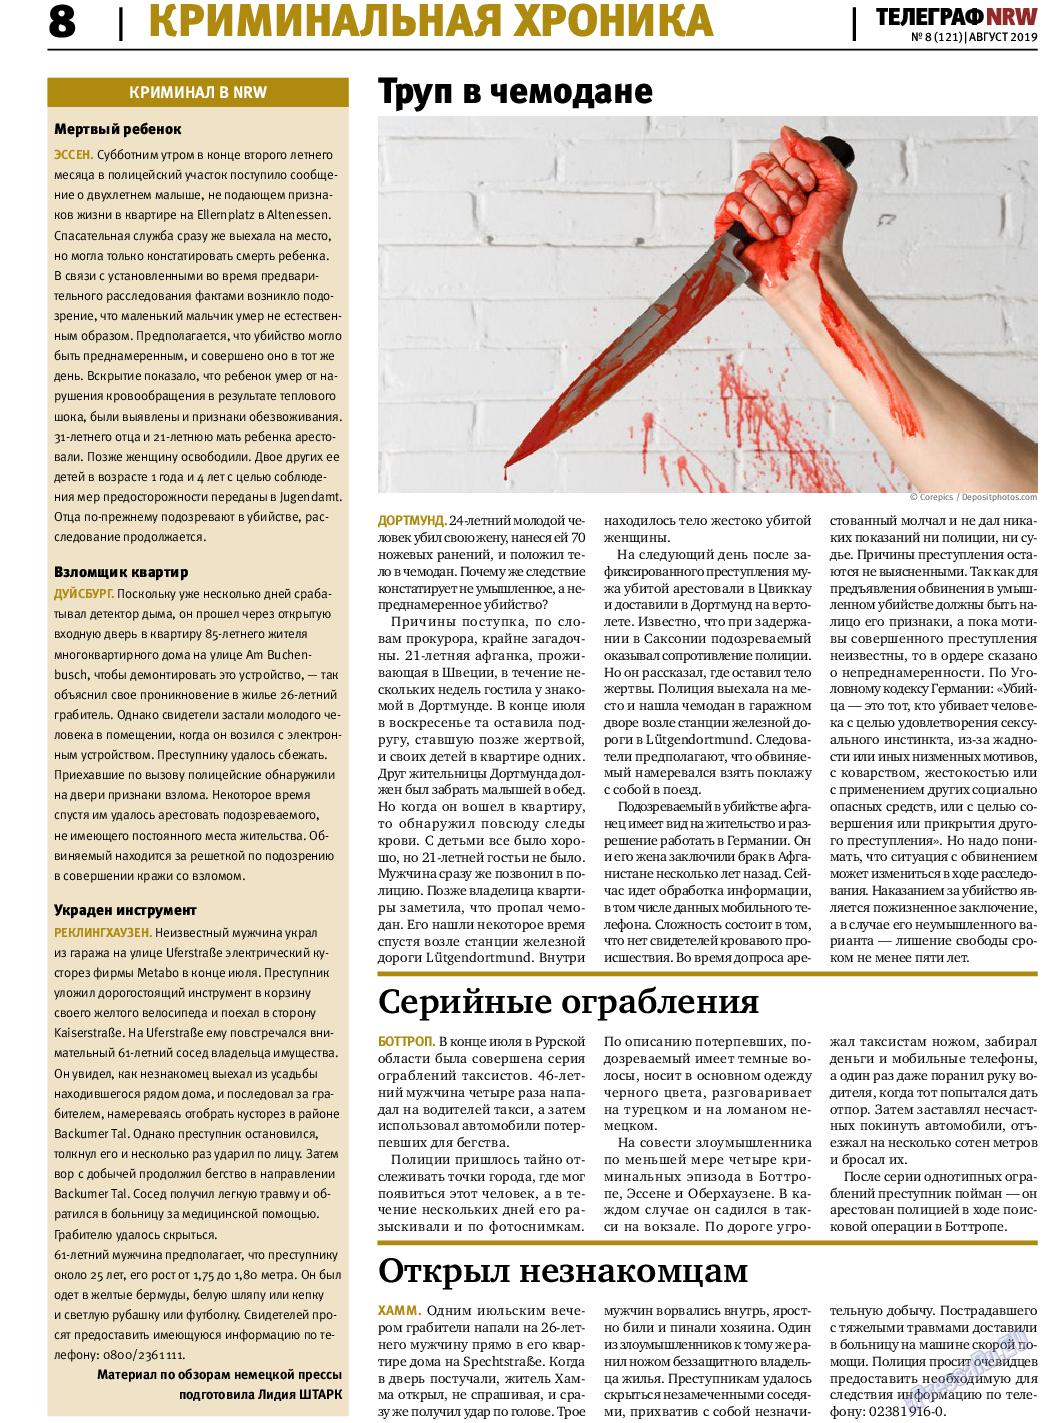 Телеграф NRW (газета). 2019 год, номер 8, стр. 8